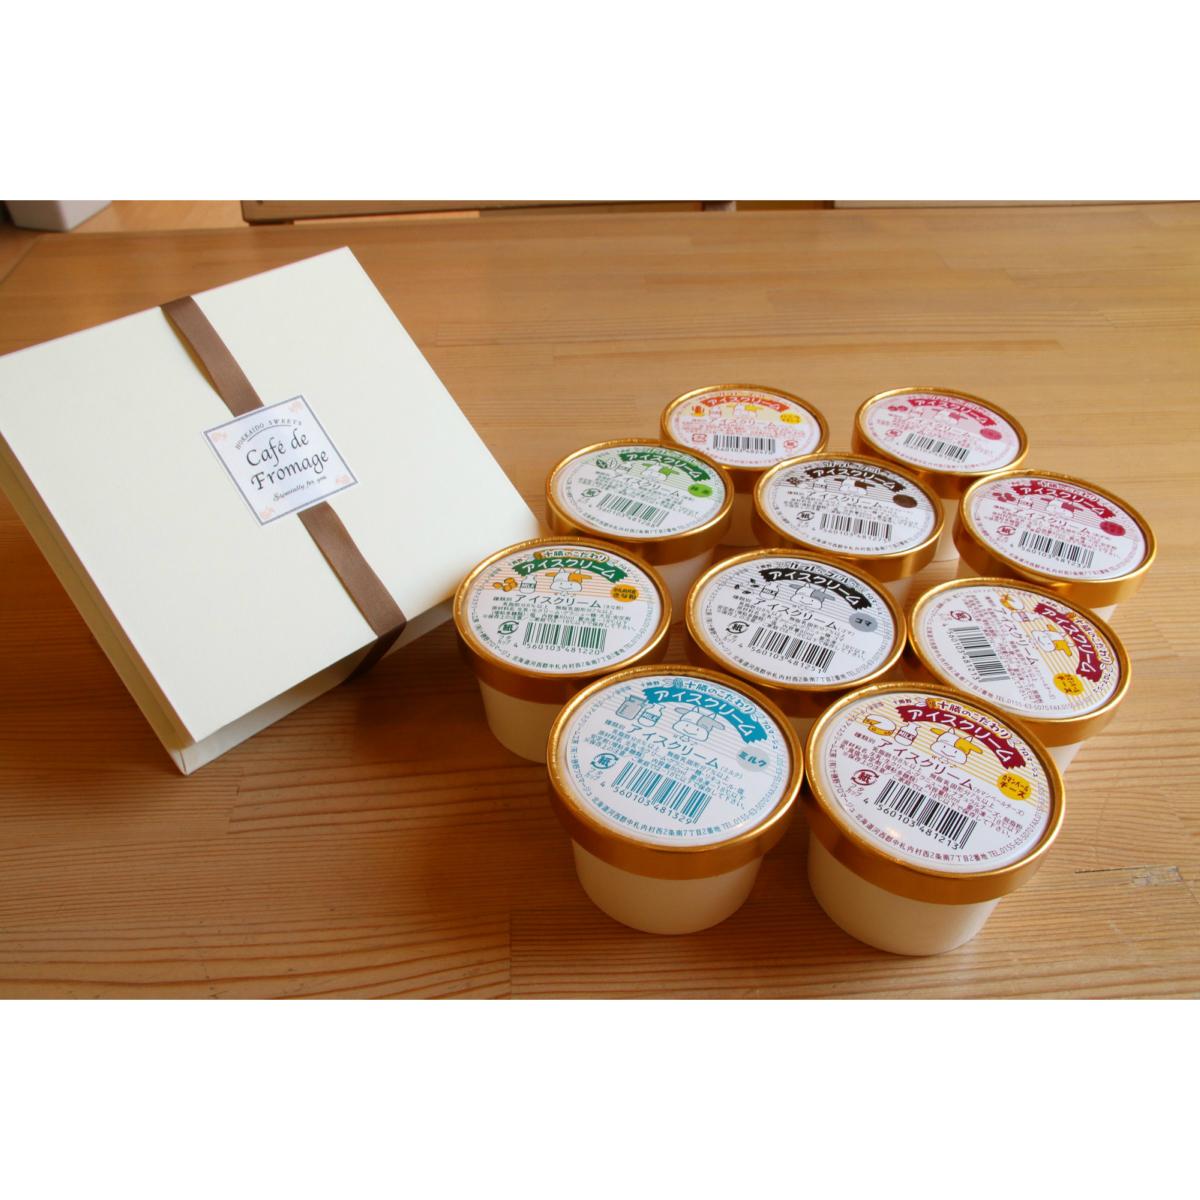 【ふるさと納税】アイスクリームとカマンベールチーズケーキセット[C1-1], 人体百科:30cfed79 --- economiadigital.org.br